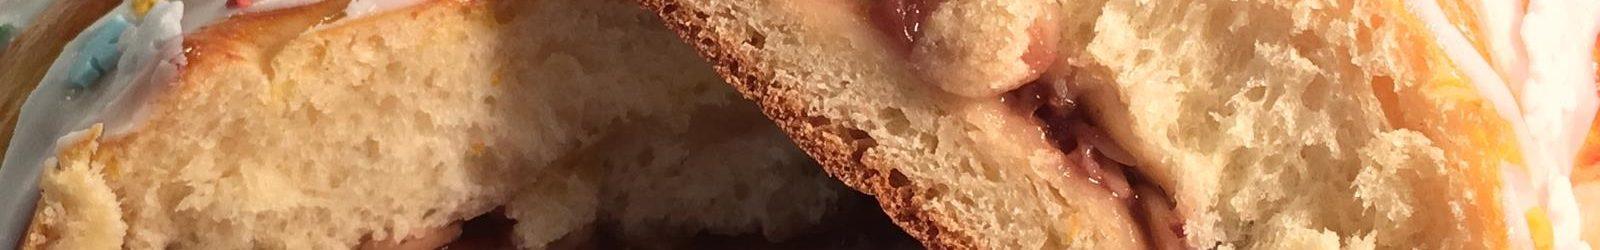 Treccia danese alla confettura di fragole, lievitata con macchina del pane – videoricetta